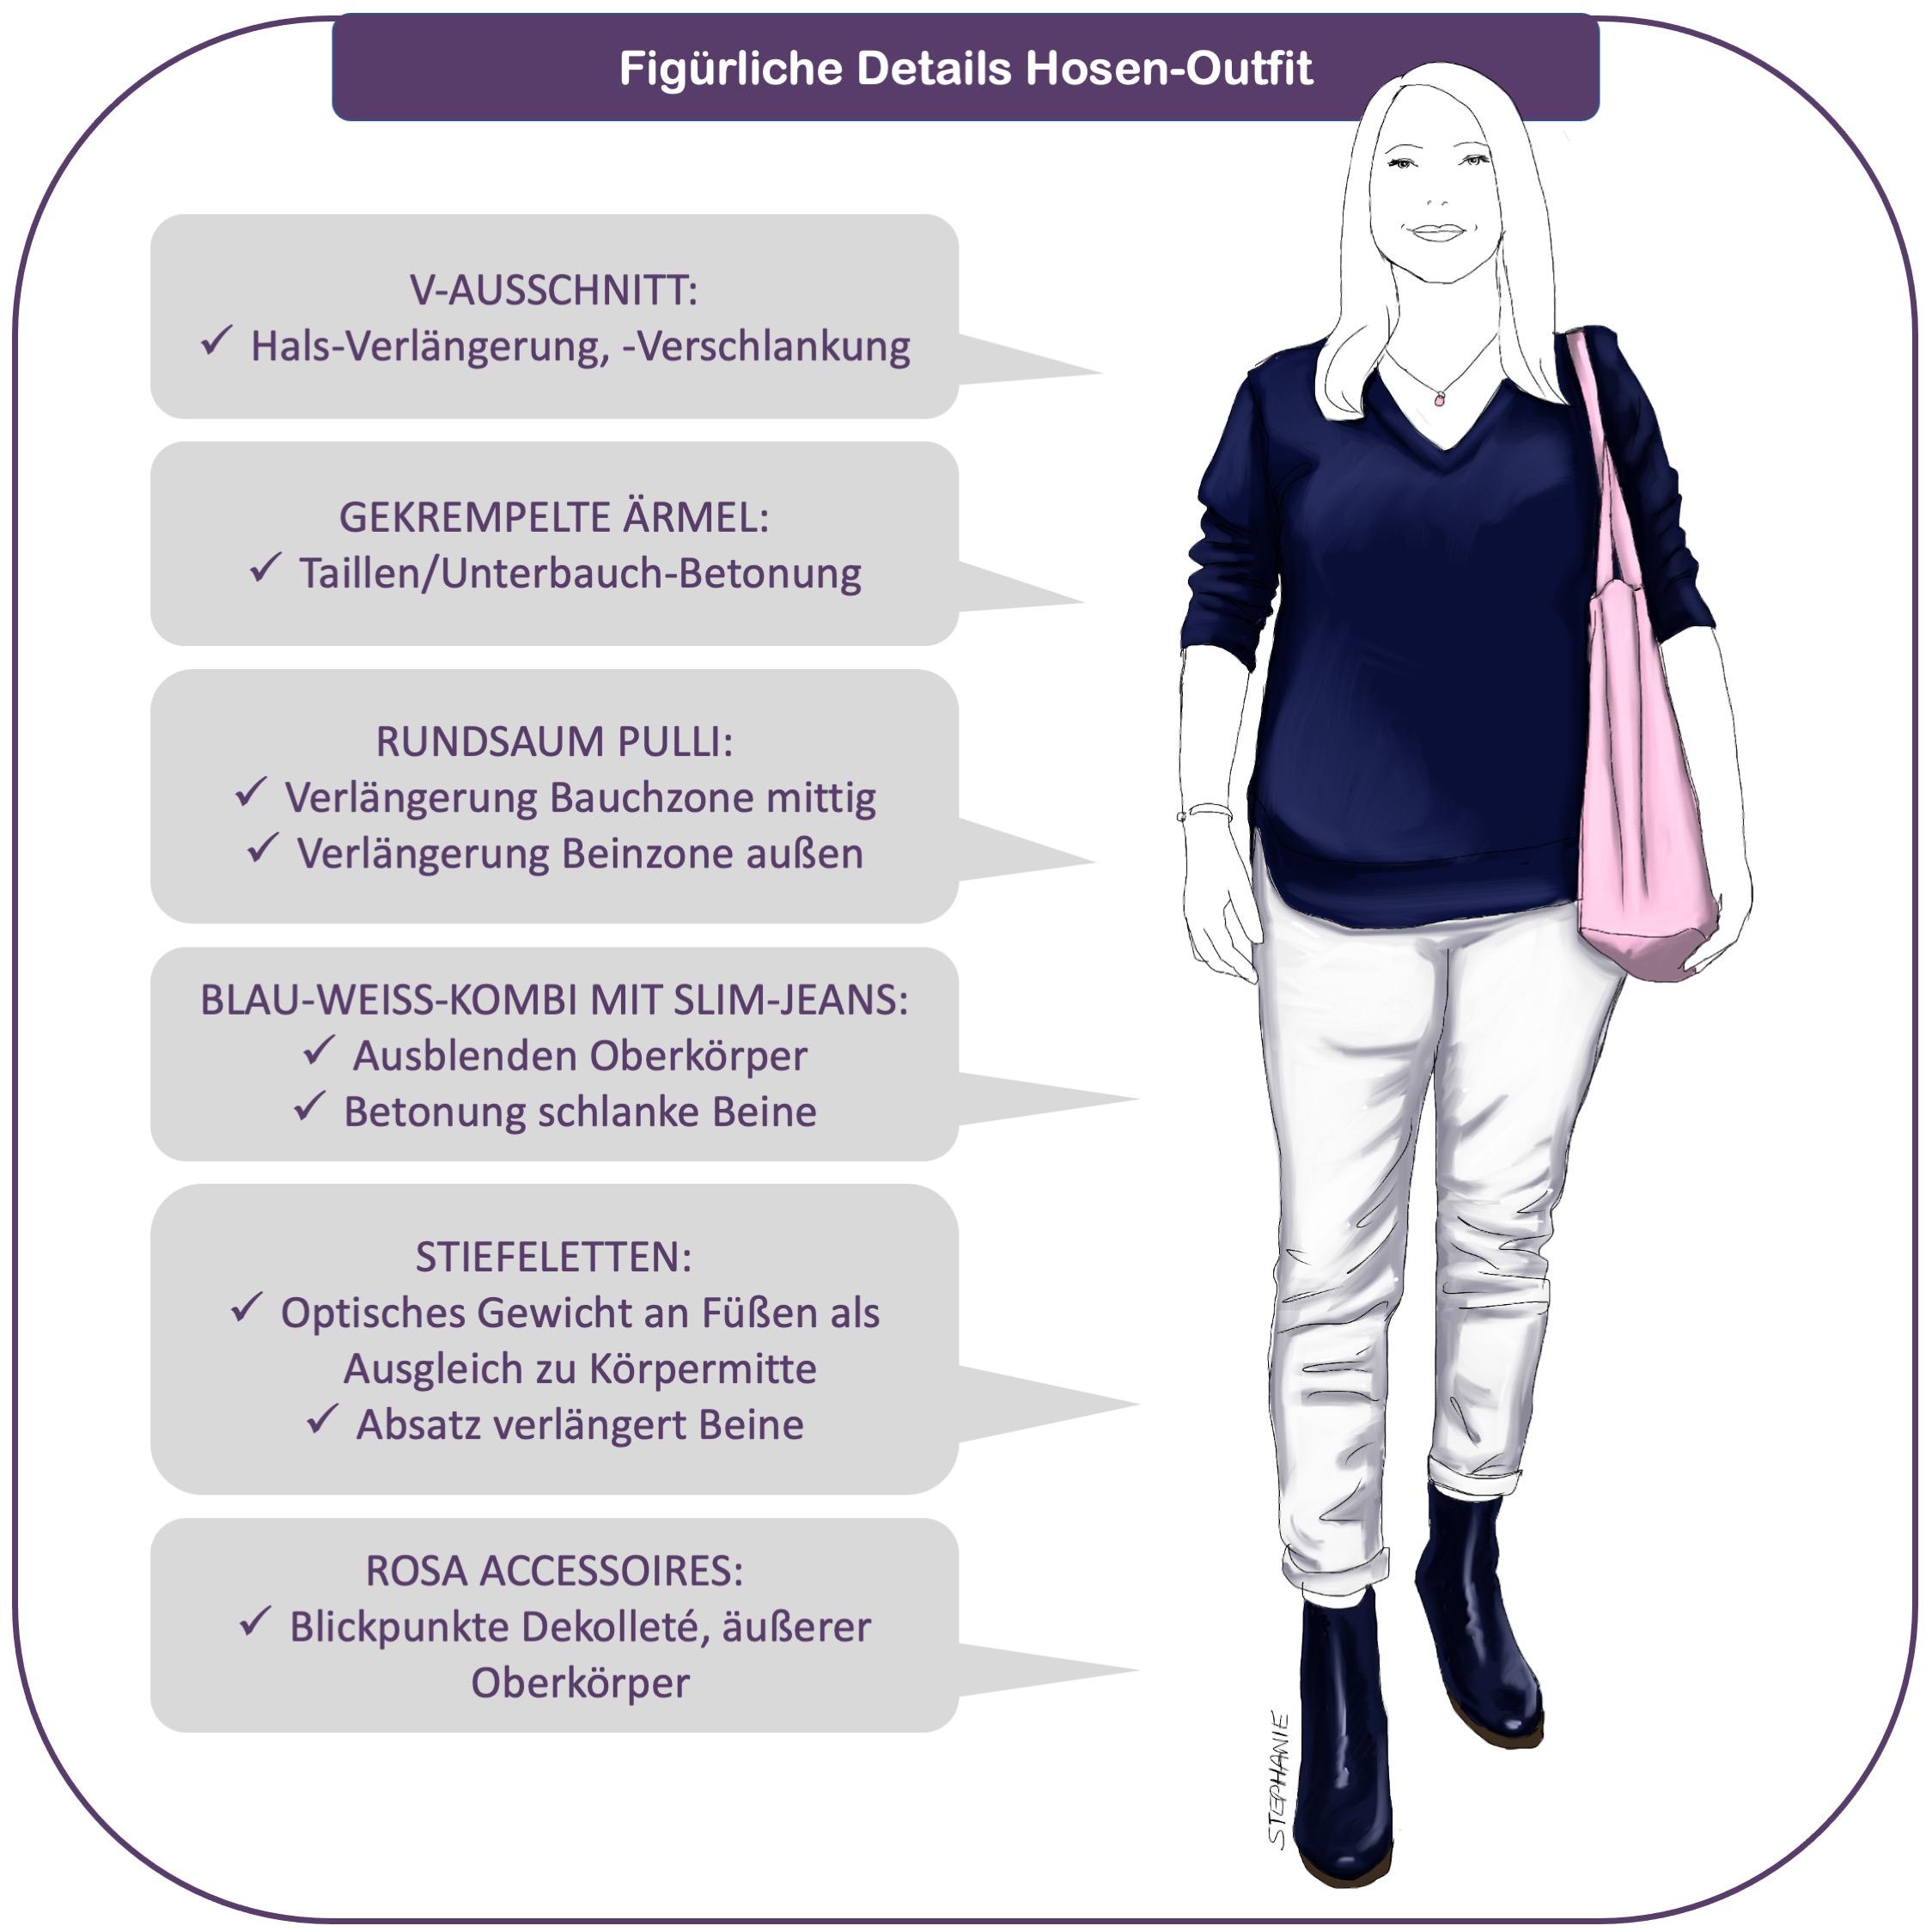 Monimalistin mit O-Figur: das Hosen-Outfit